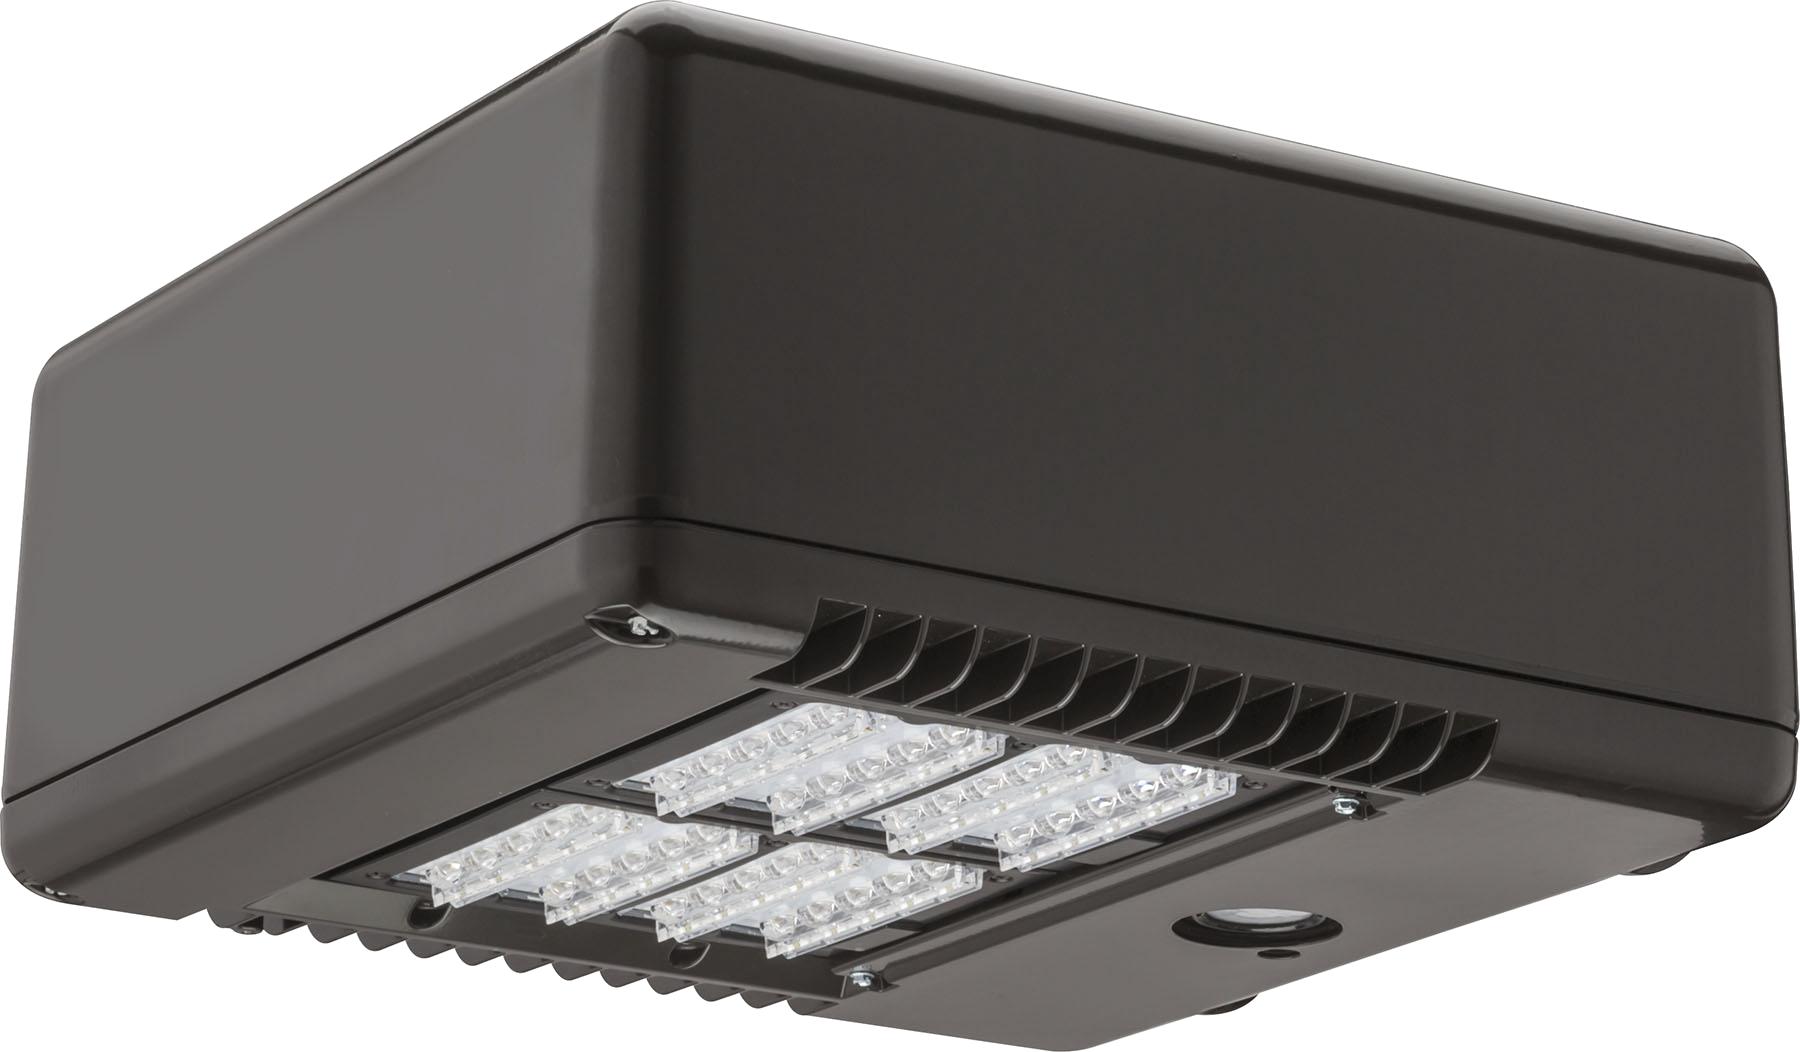 KAD LED with Motion Sensor close